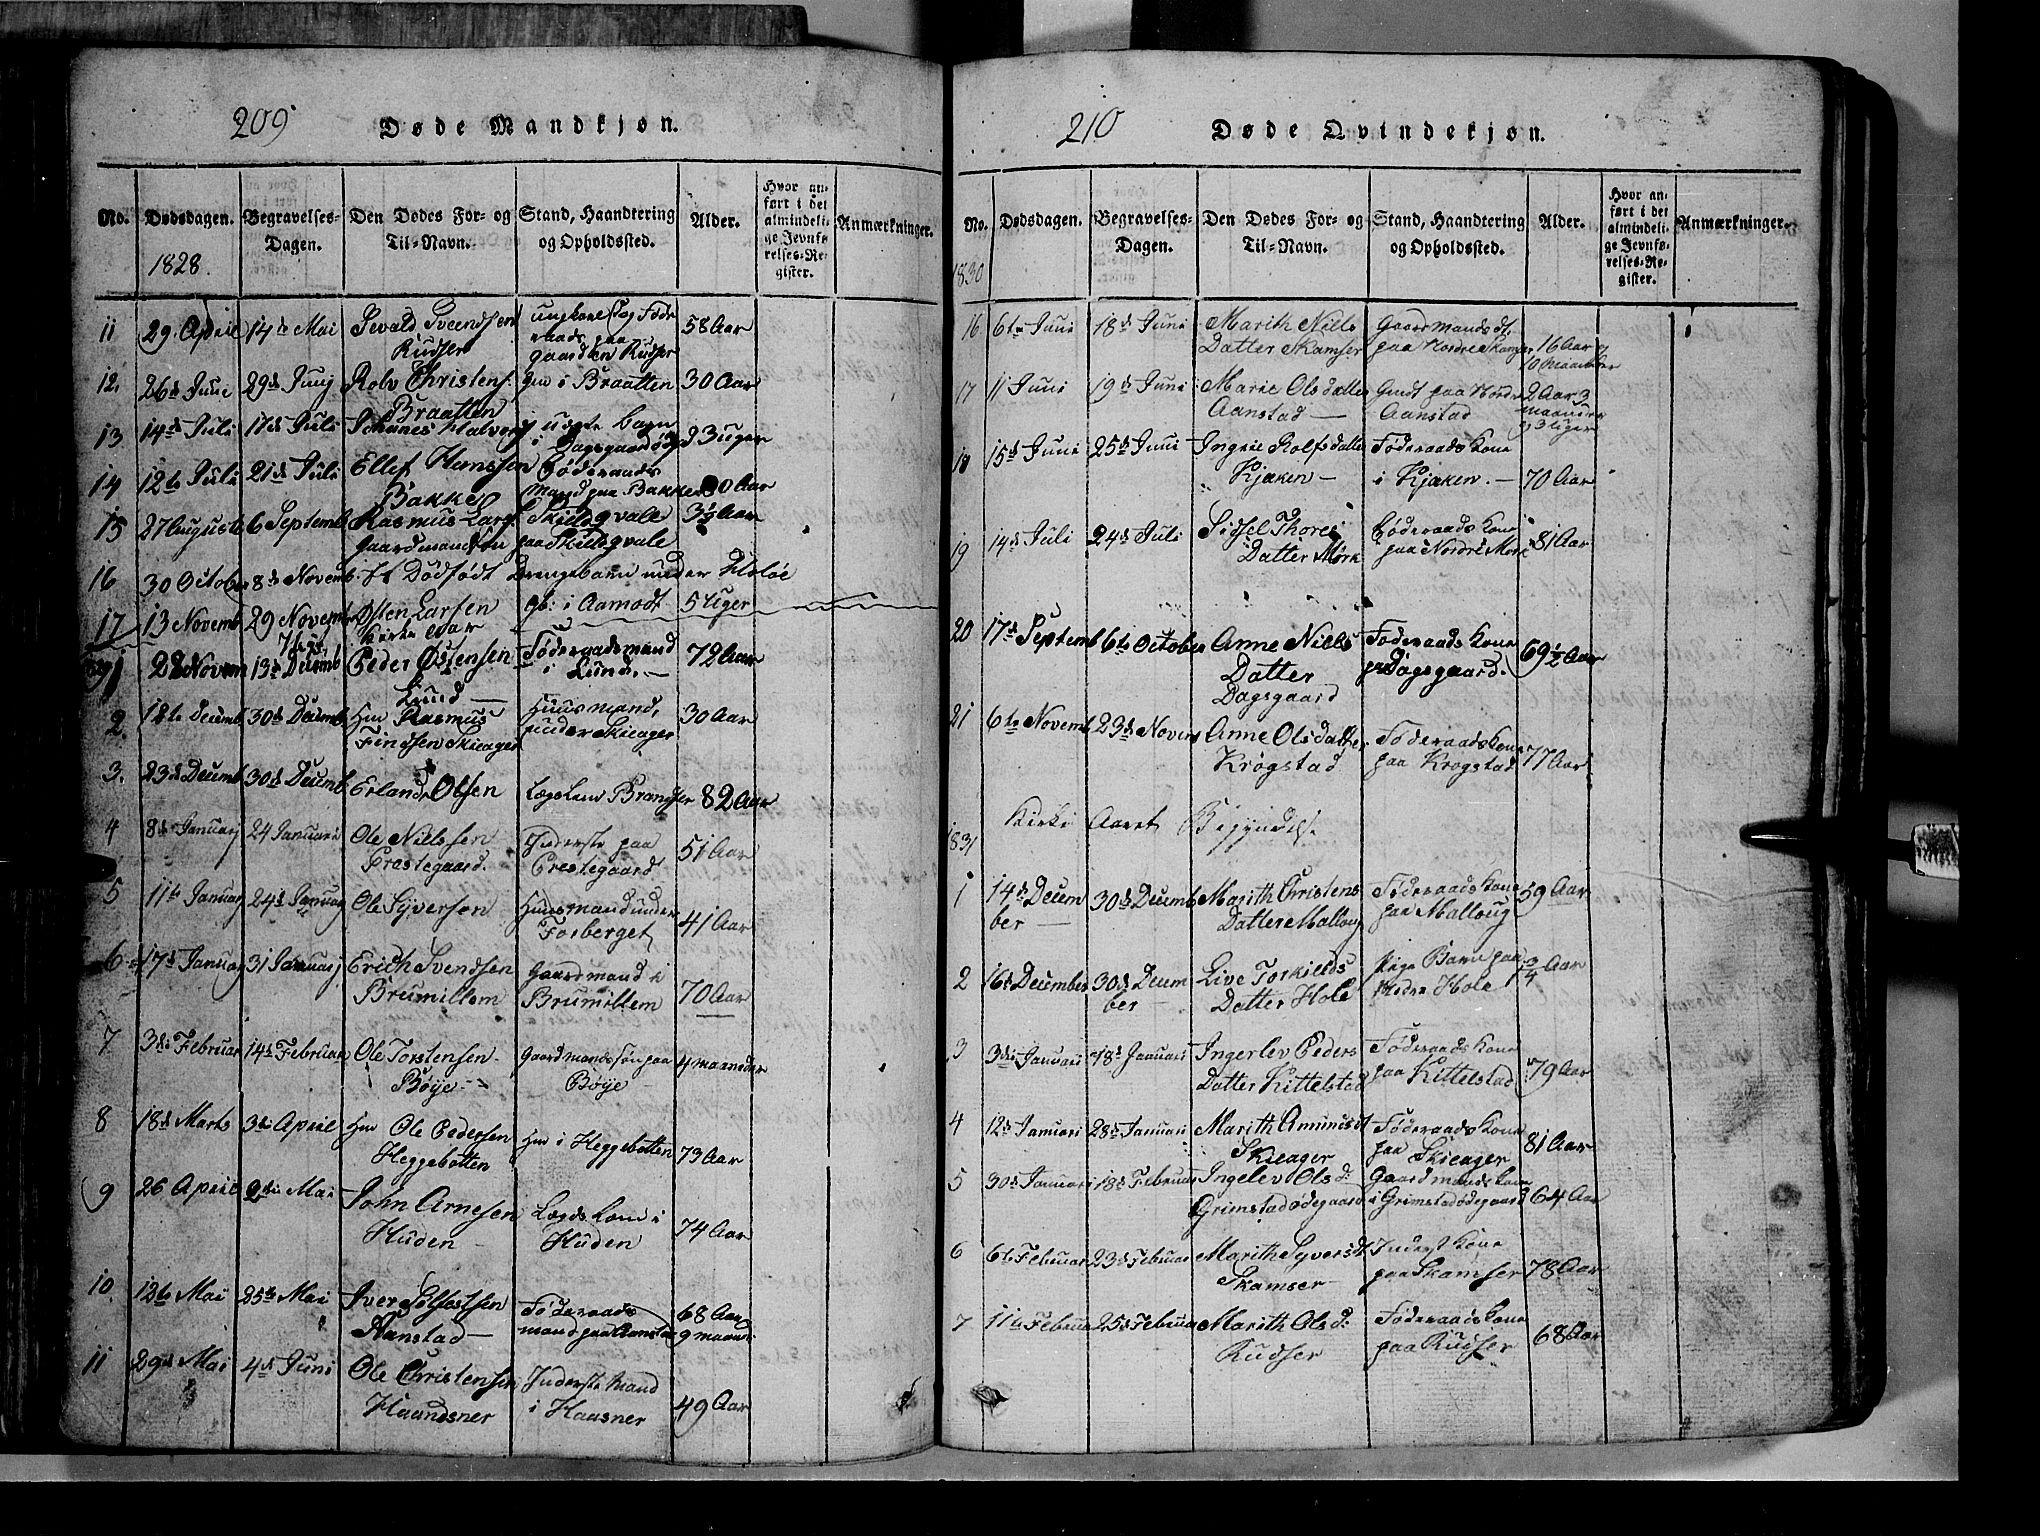 SAH, Lom prestekontor, L/L0003: Klokkerbok nr. 3, 1815-1844, s. 209-210